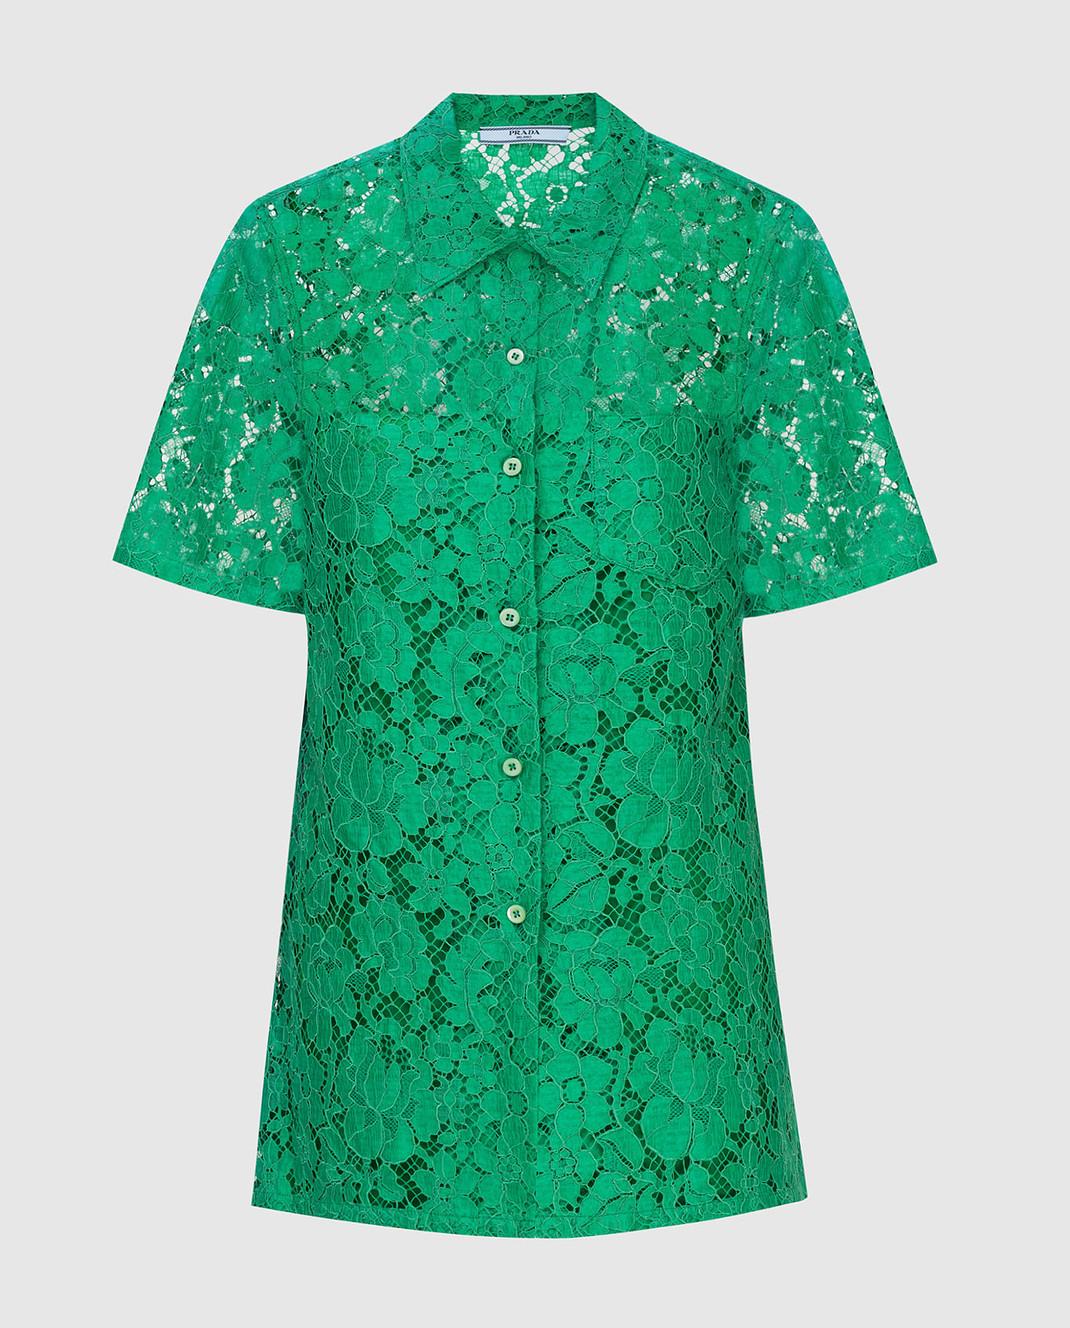 Prada Зеленая рубашка изображение 1